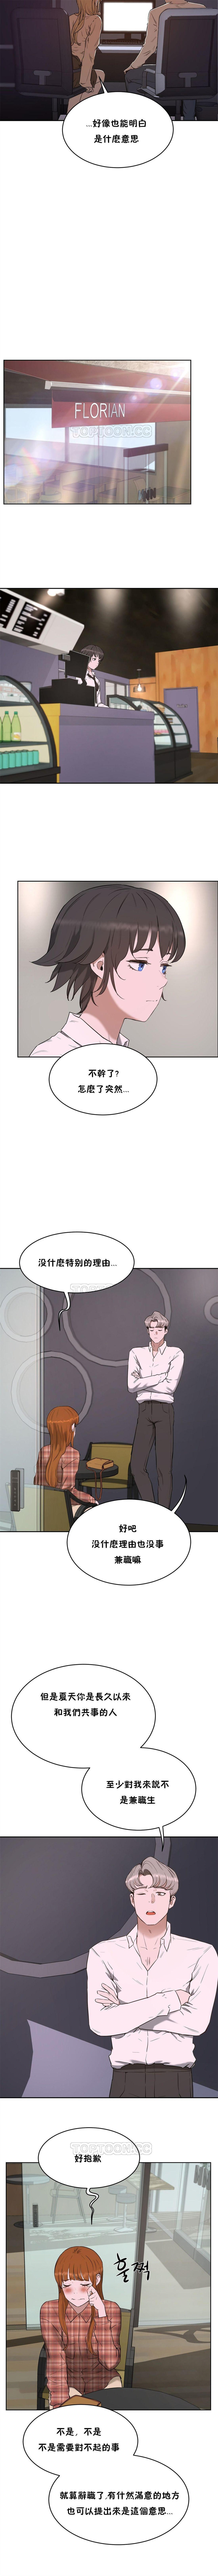 性教育 1-48.5 中文翻译(完結) 147